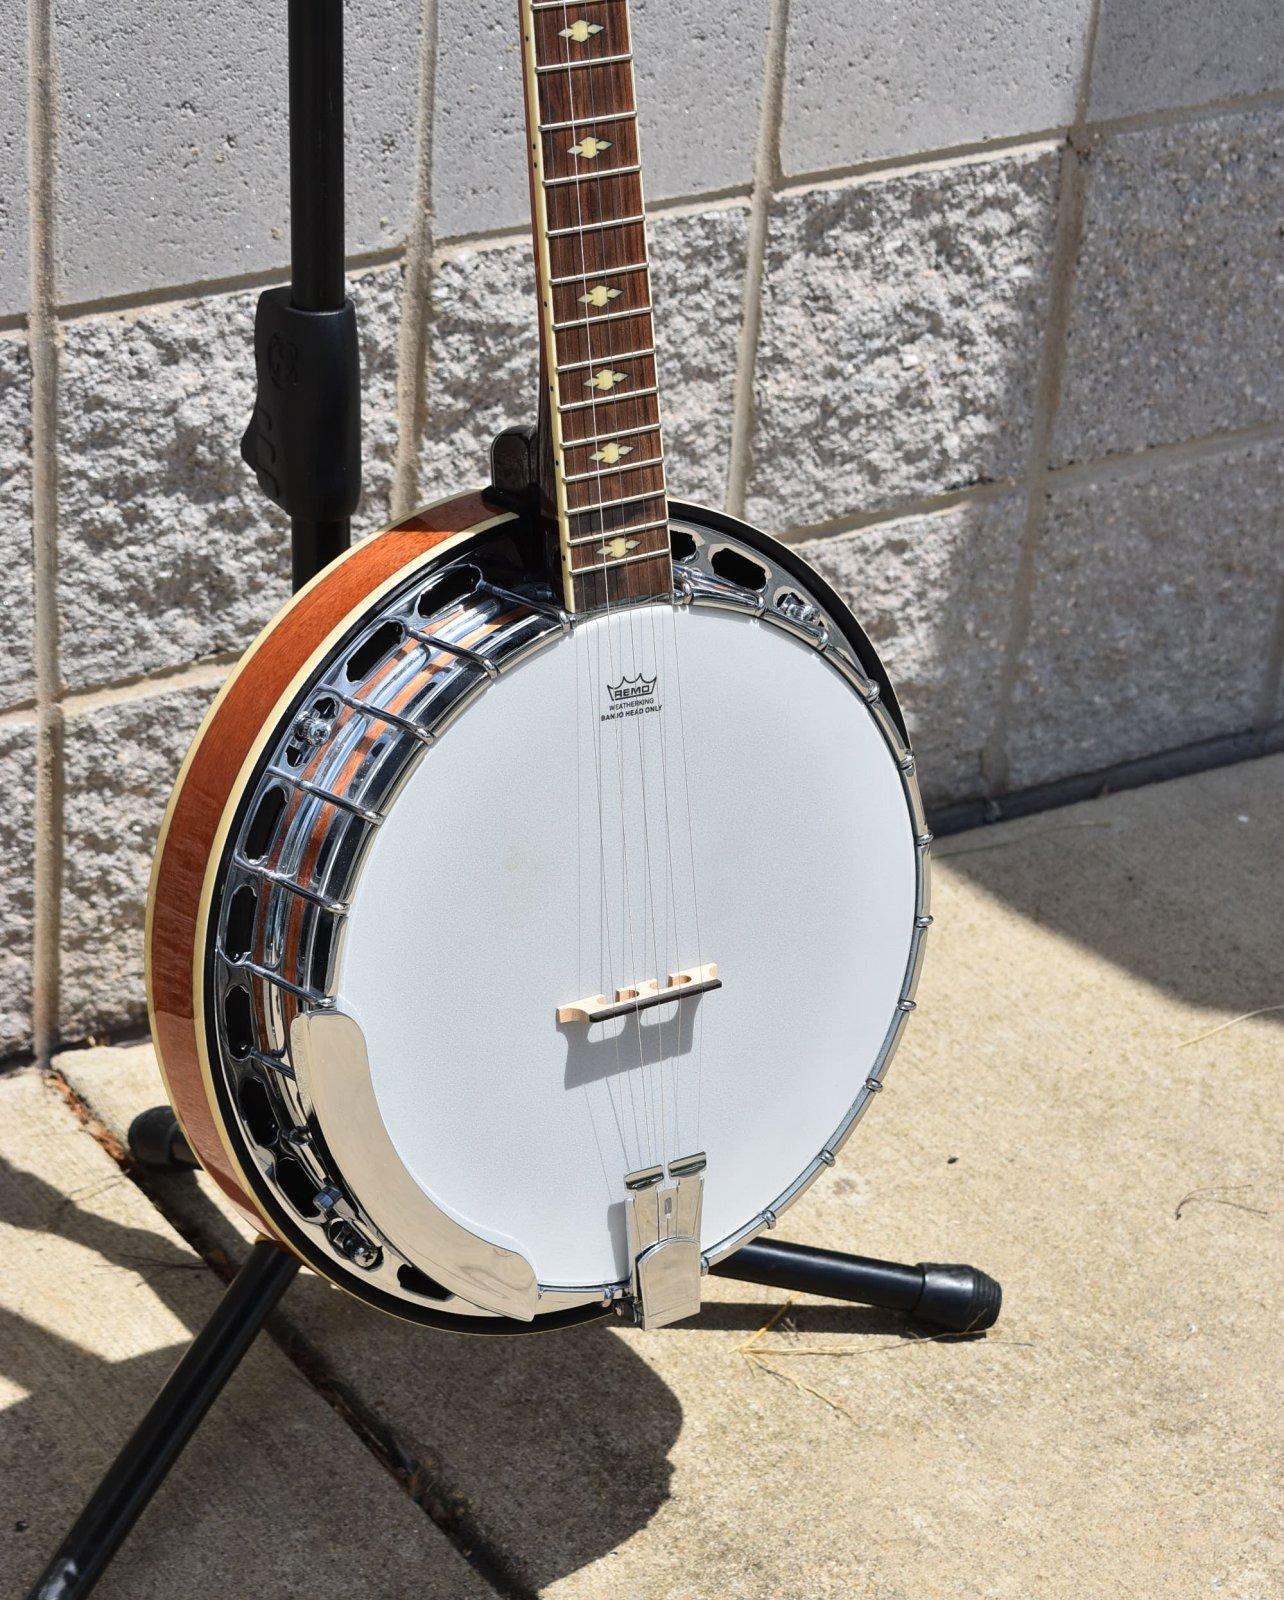 2012  Gretsch Broadkaster Deluxe Banjo